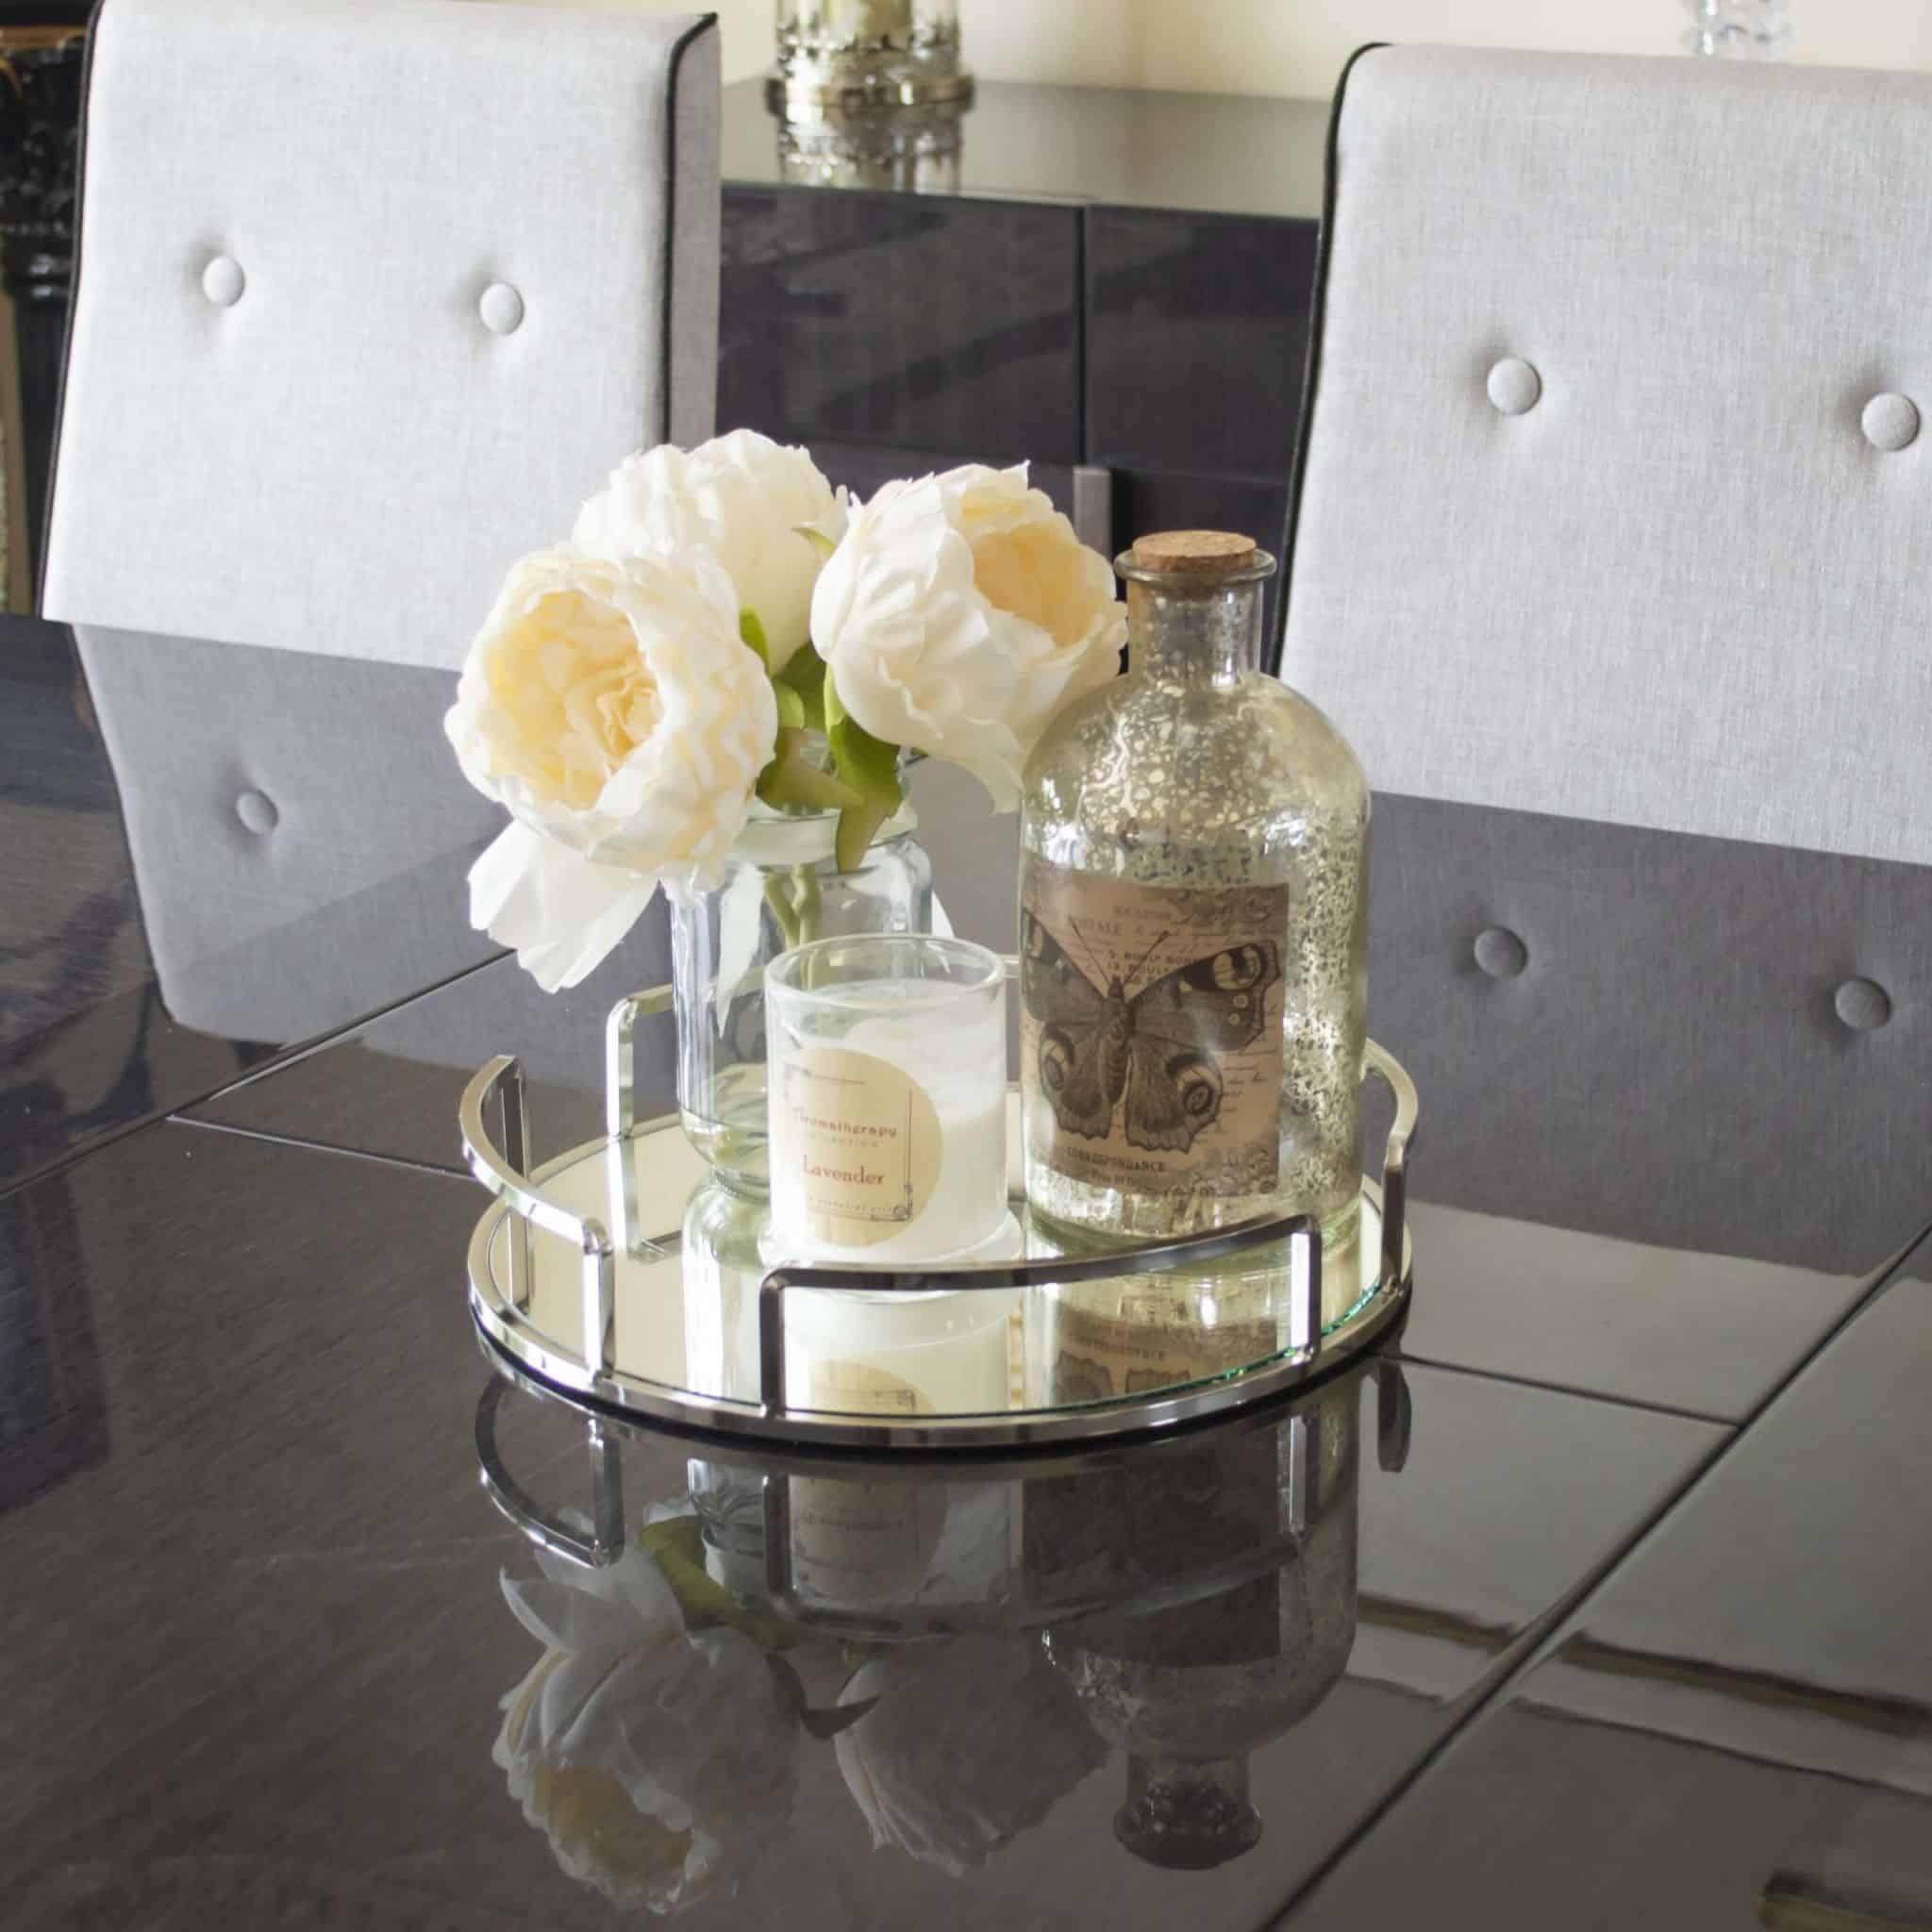 silver 4 part round decorative tray maison des cadeaux